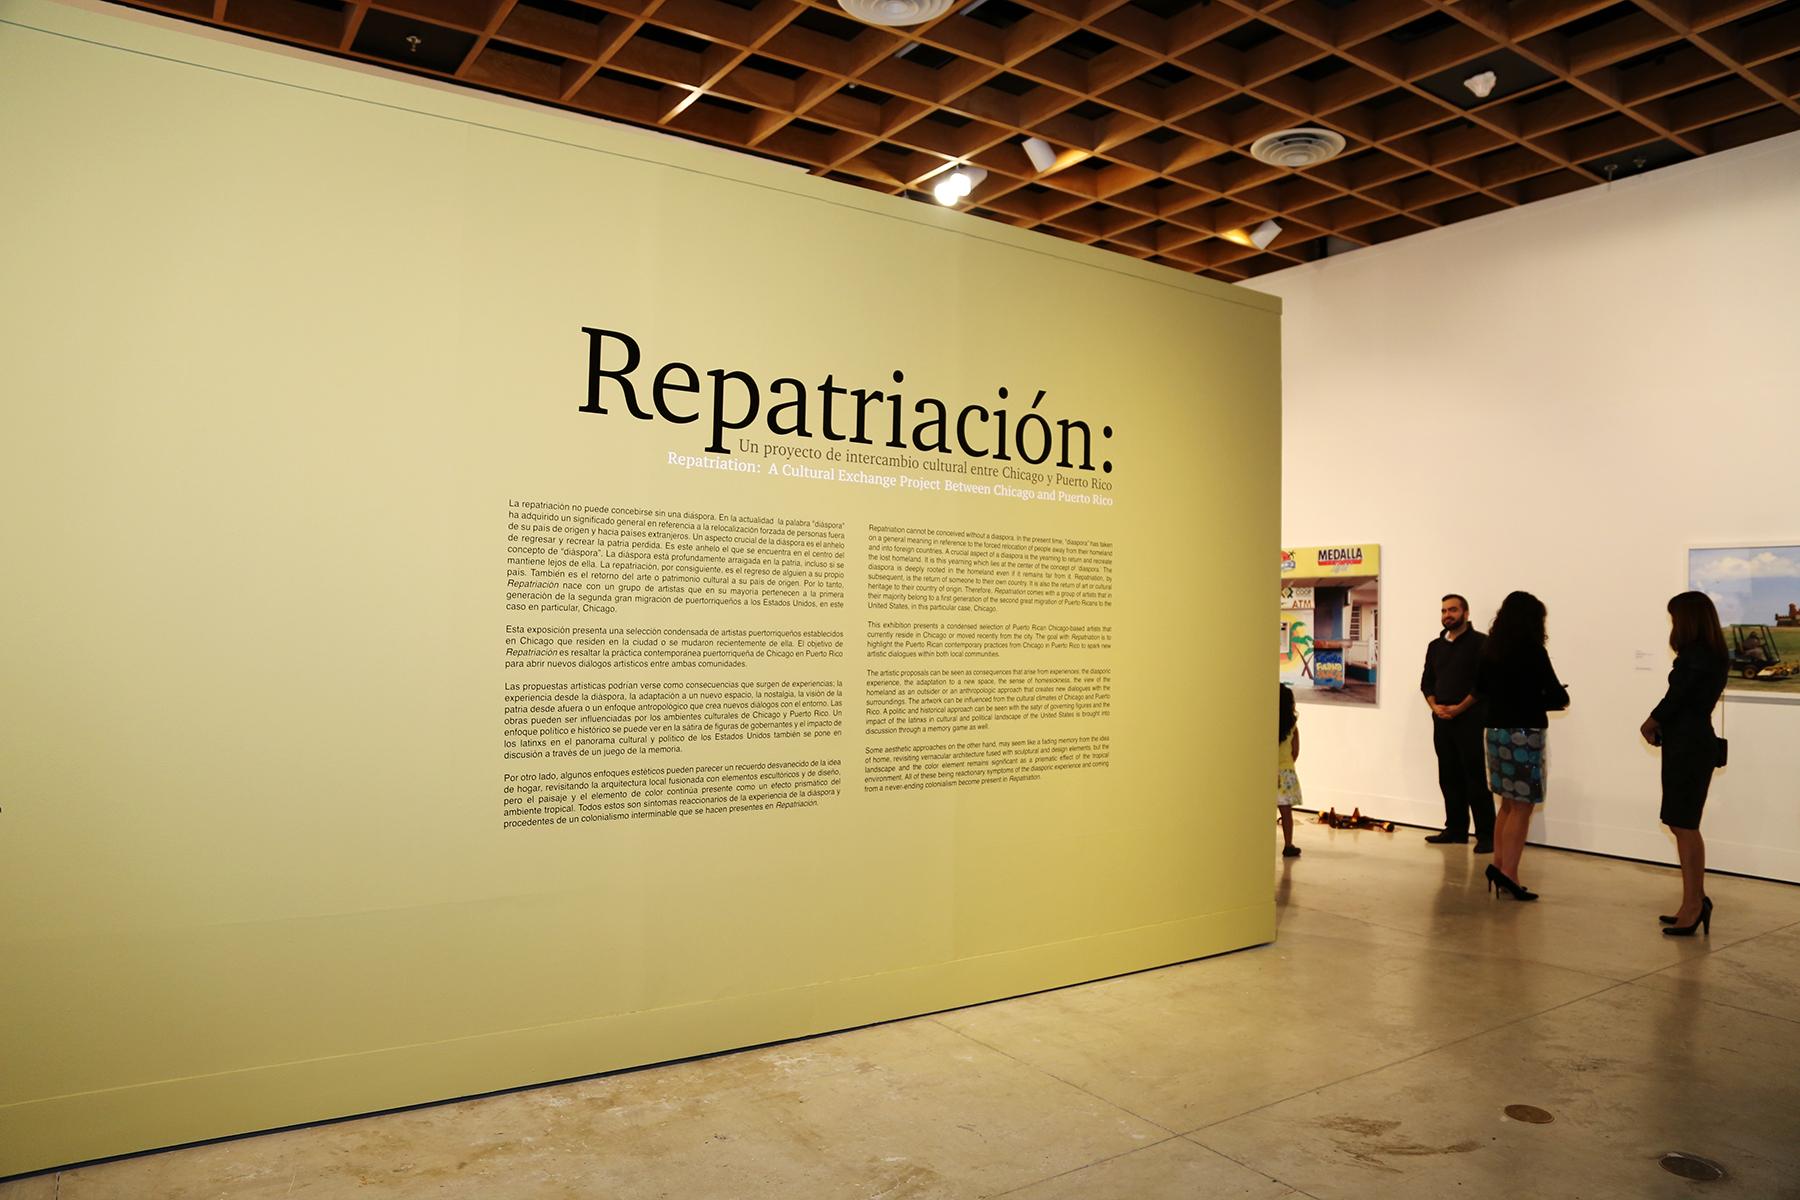 """Entrada a la sala de la exposición """"Repatriación""""en el Museo de Arte de Puerto Rico. Foto Nichole Saldarriaga"""